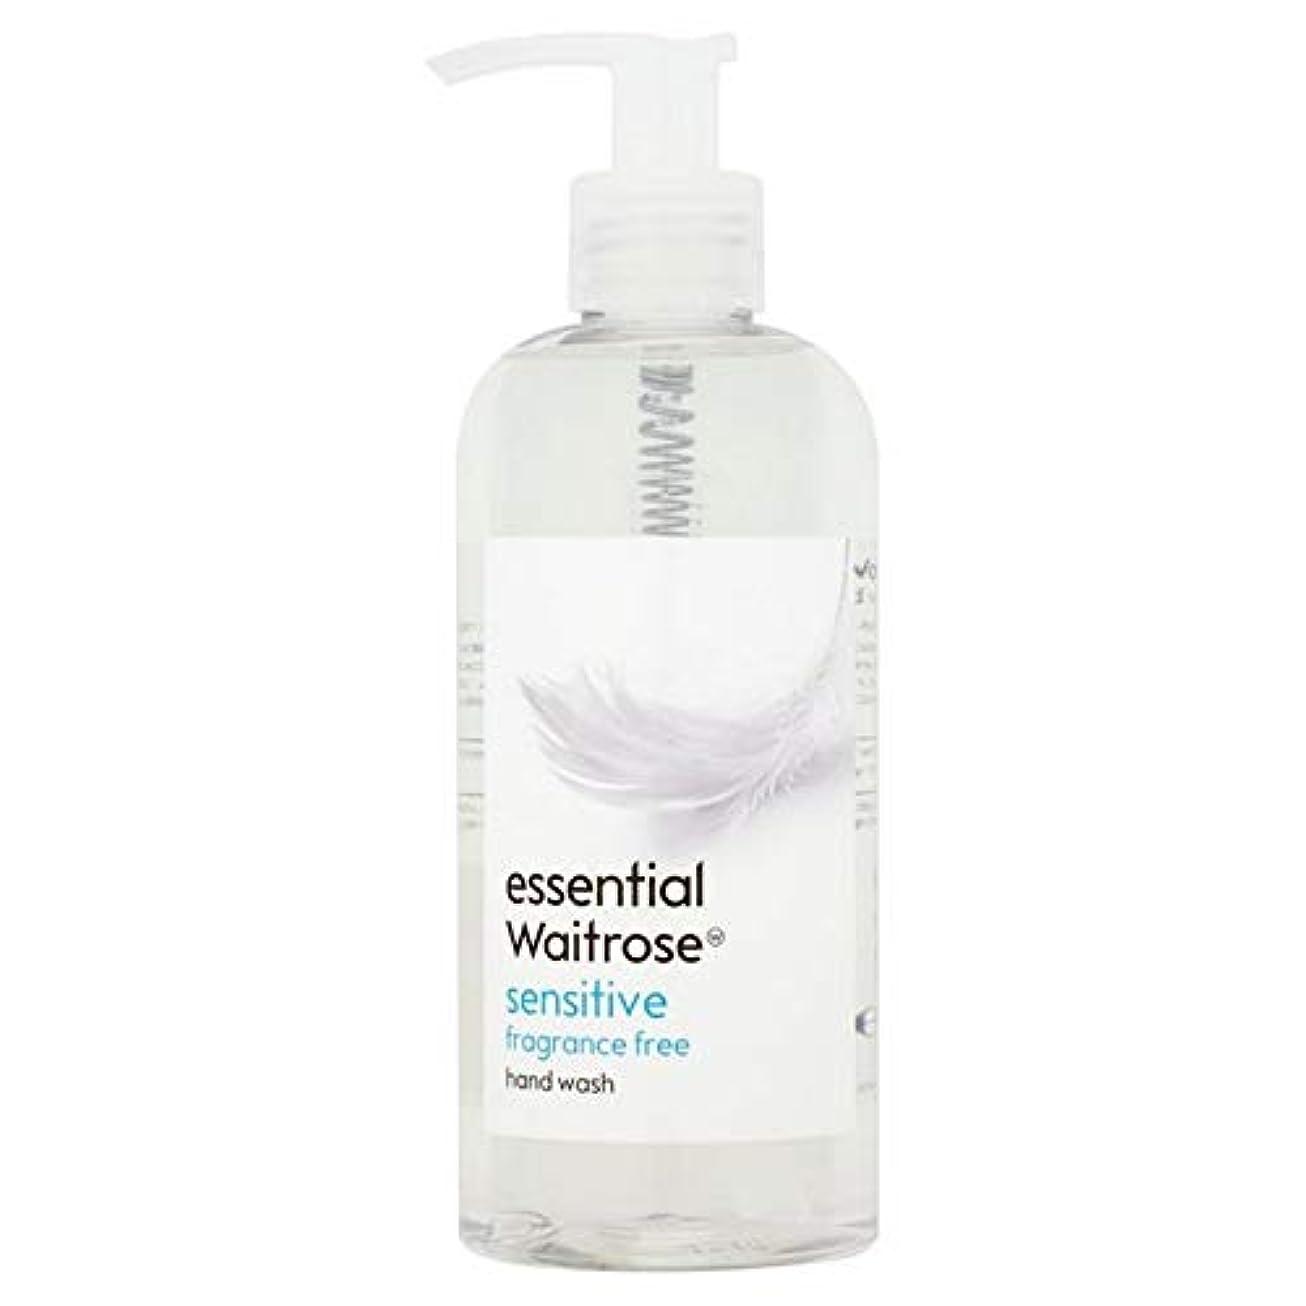 会社アラブ霧深い[Waitrose ] 基本的なウェイトローズのハンドウォッシュ敏感な300ミリリットル - Essential Waitrose Hand Wash Sensitive 300ml [並行輸入品]